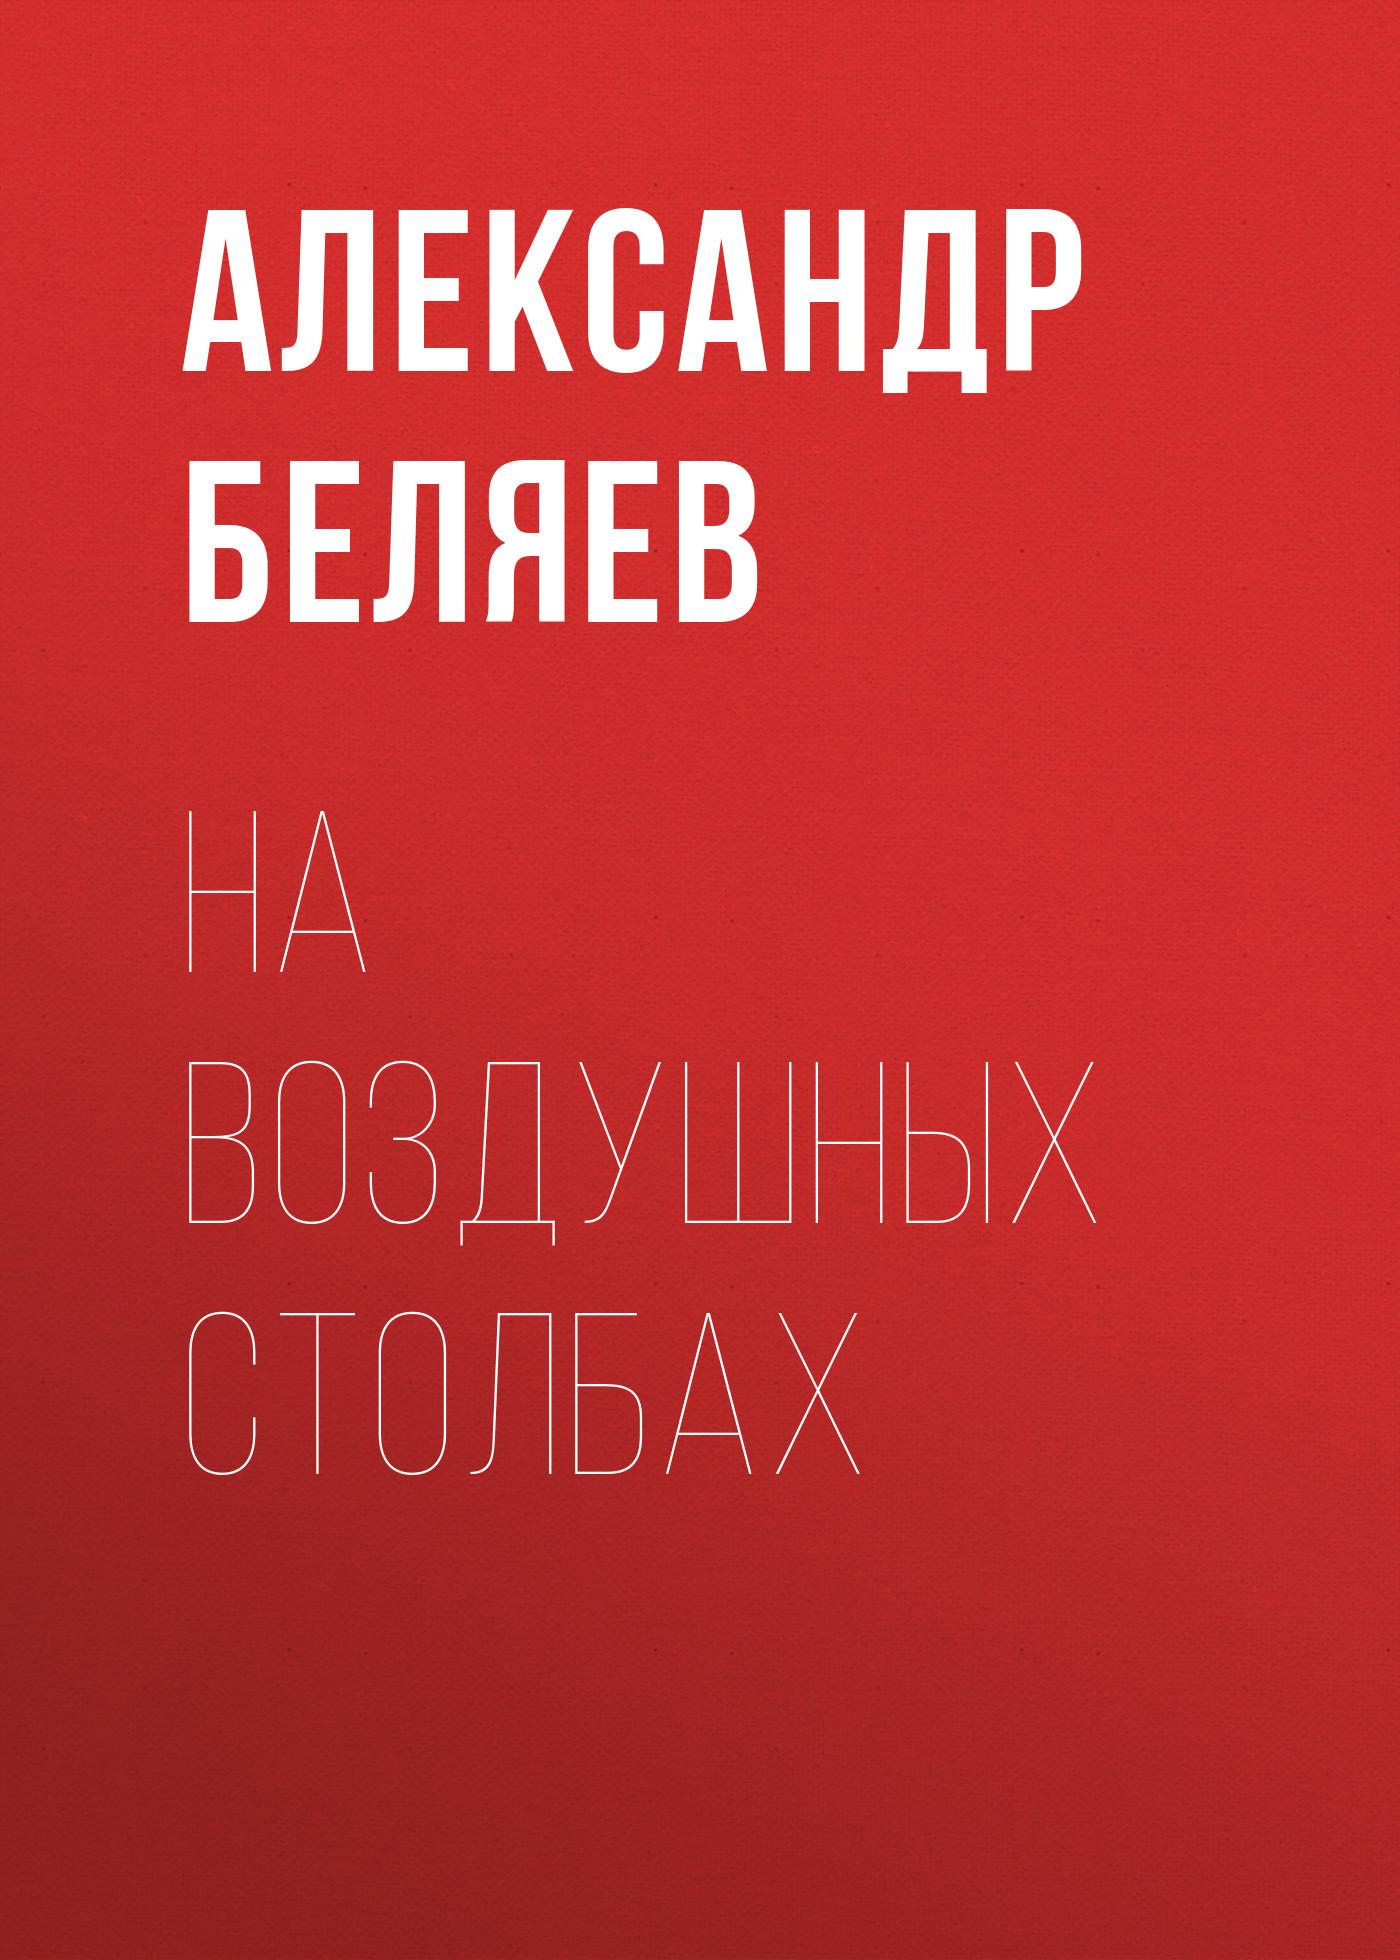 Купить книгу На воздушных столбах, автора Александра Беляева